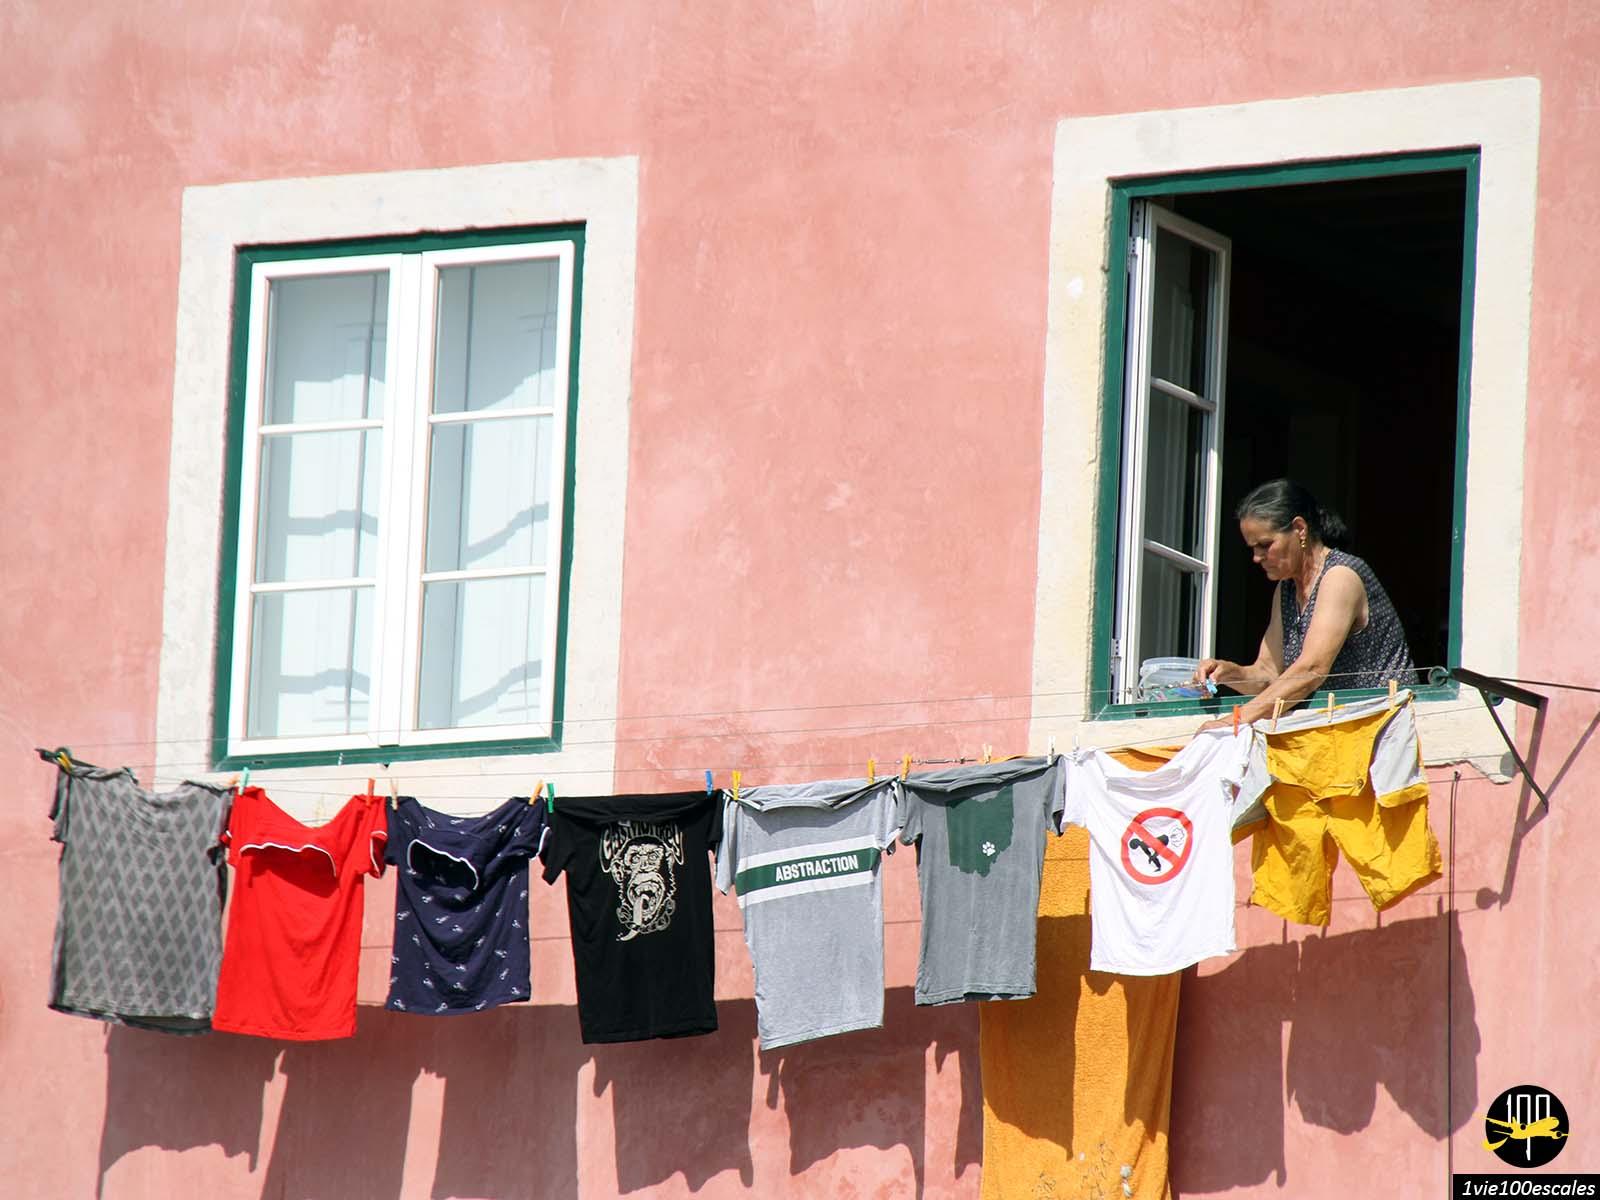 Le linge suspendu dans les ruelles de Lisbonne